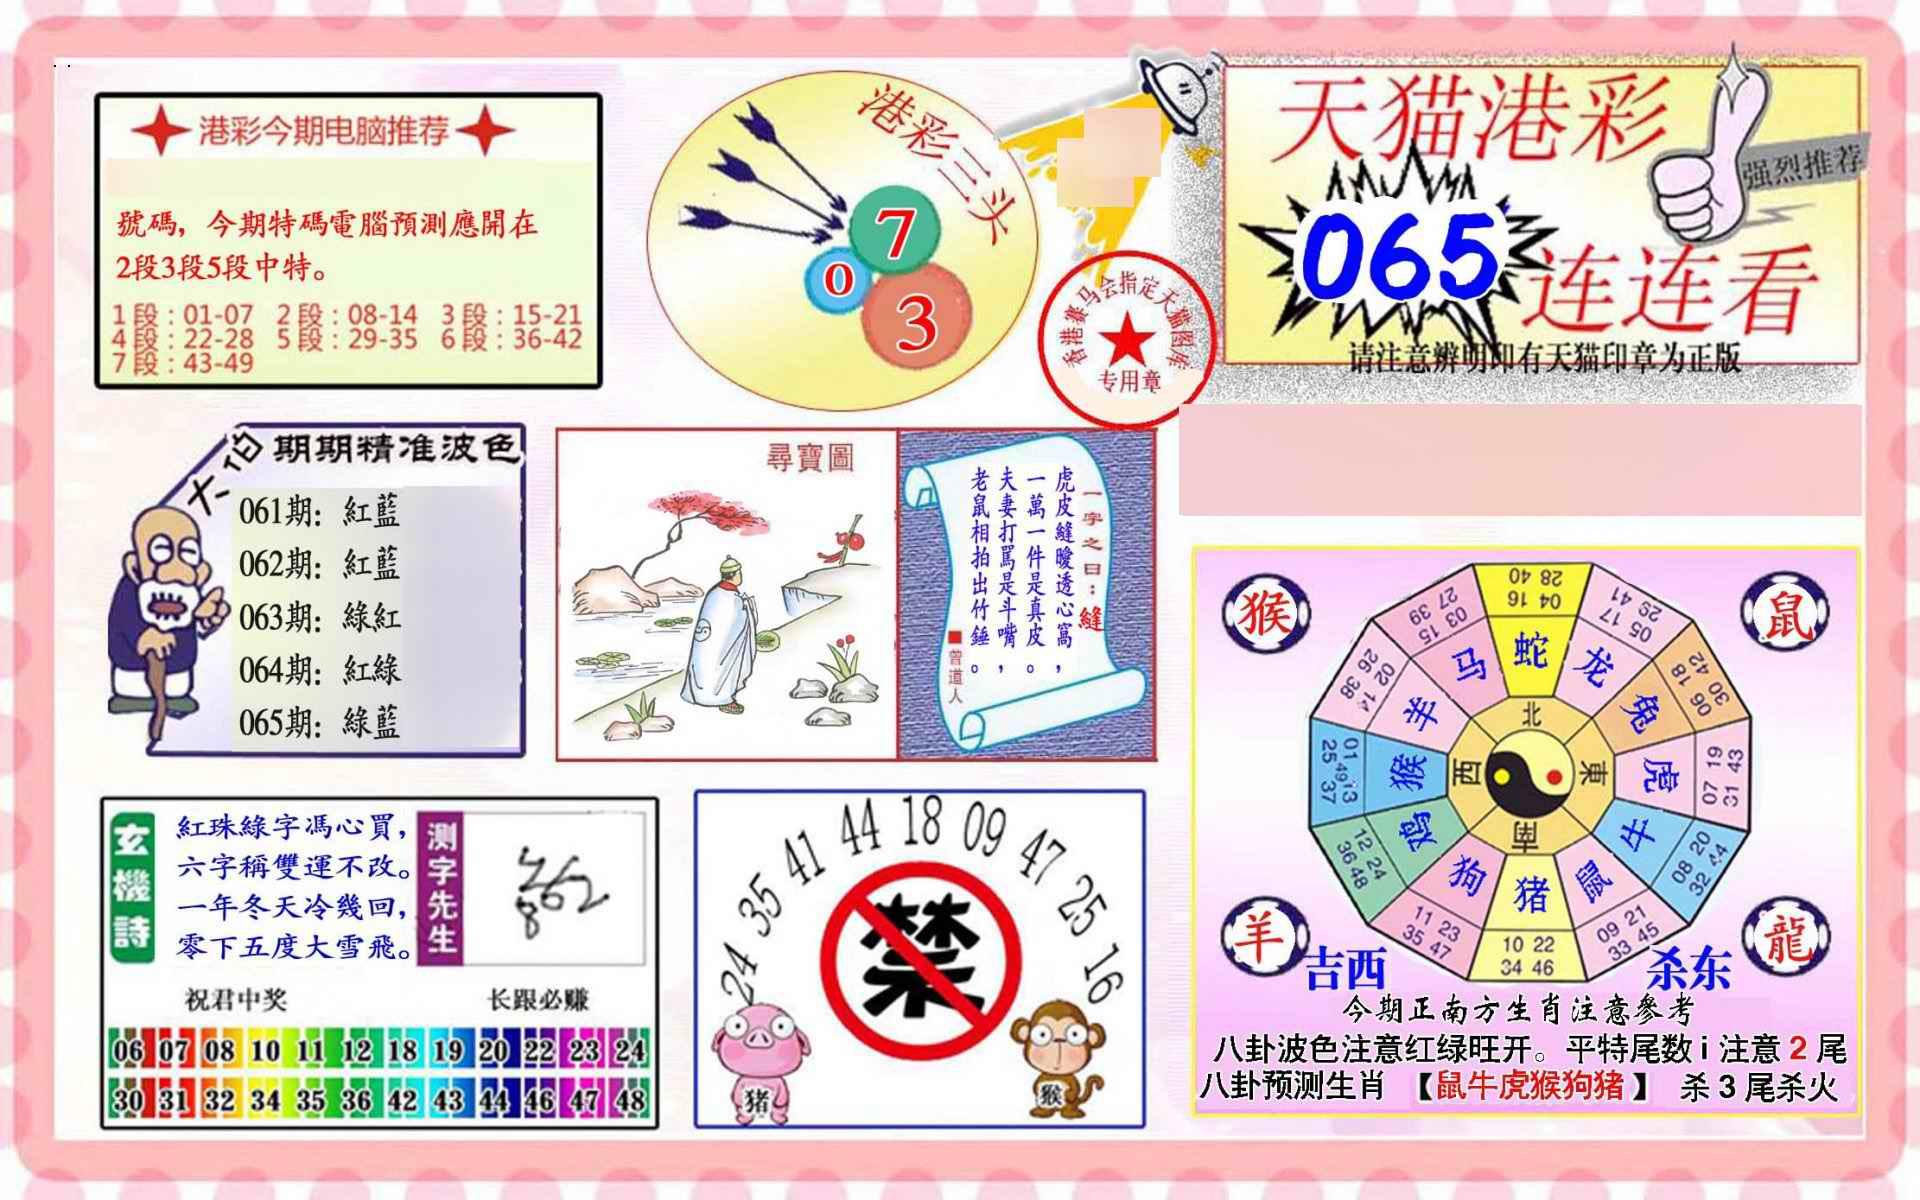 065期港彩连连中